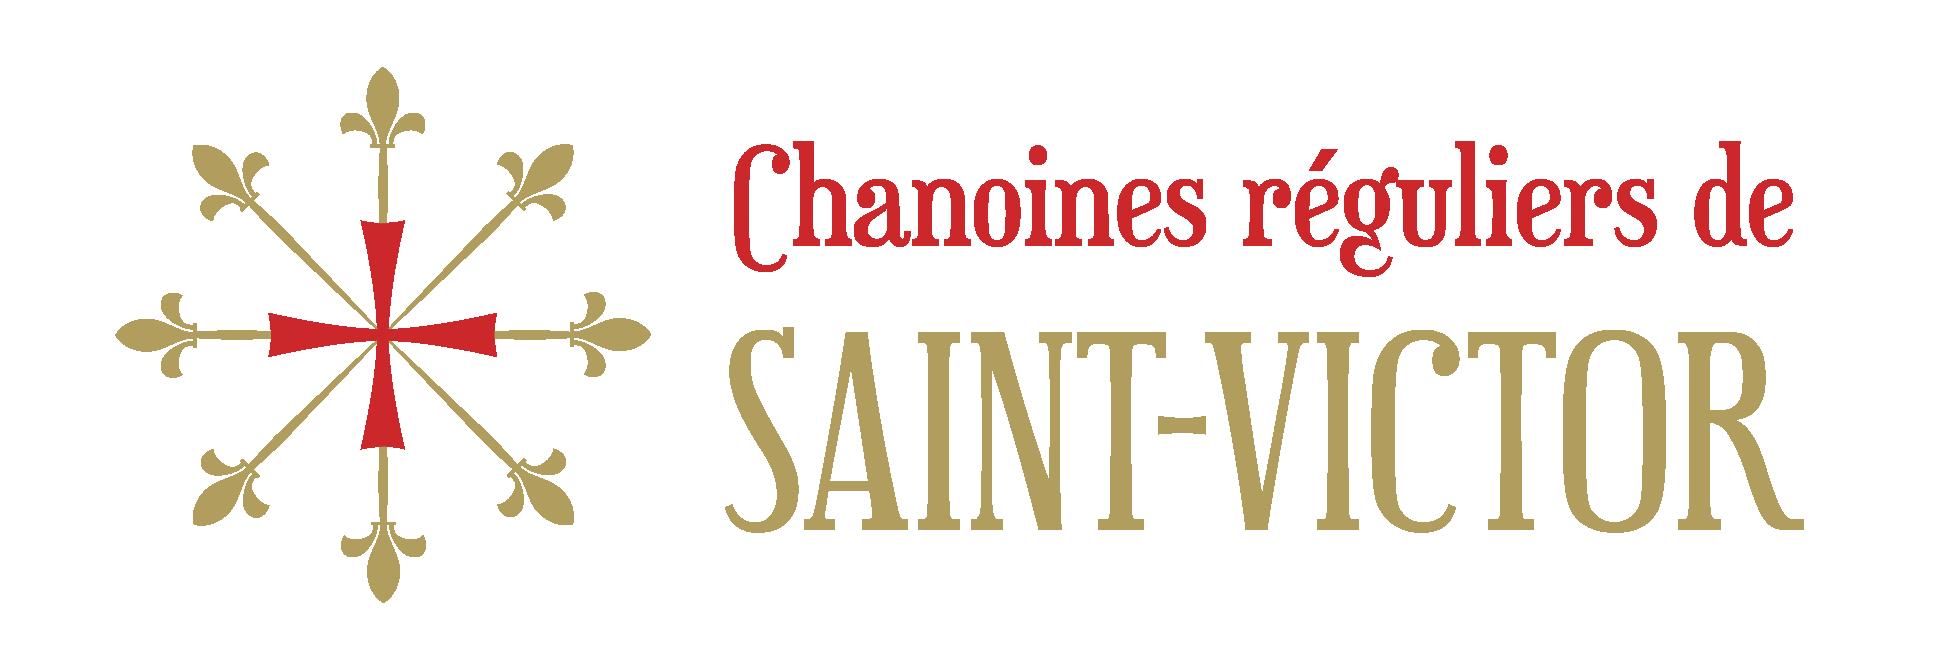 Chanoines réguliers de Saint-Victor